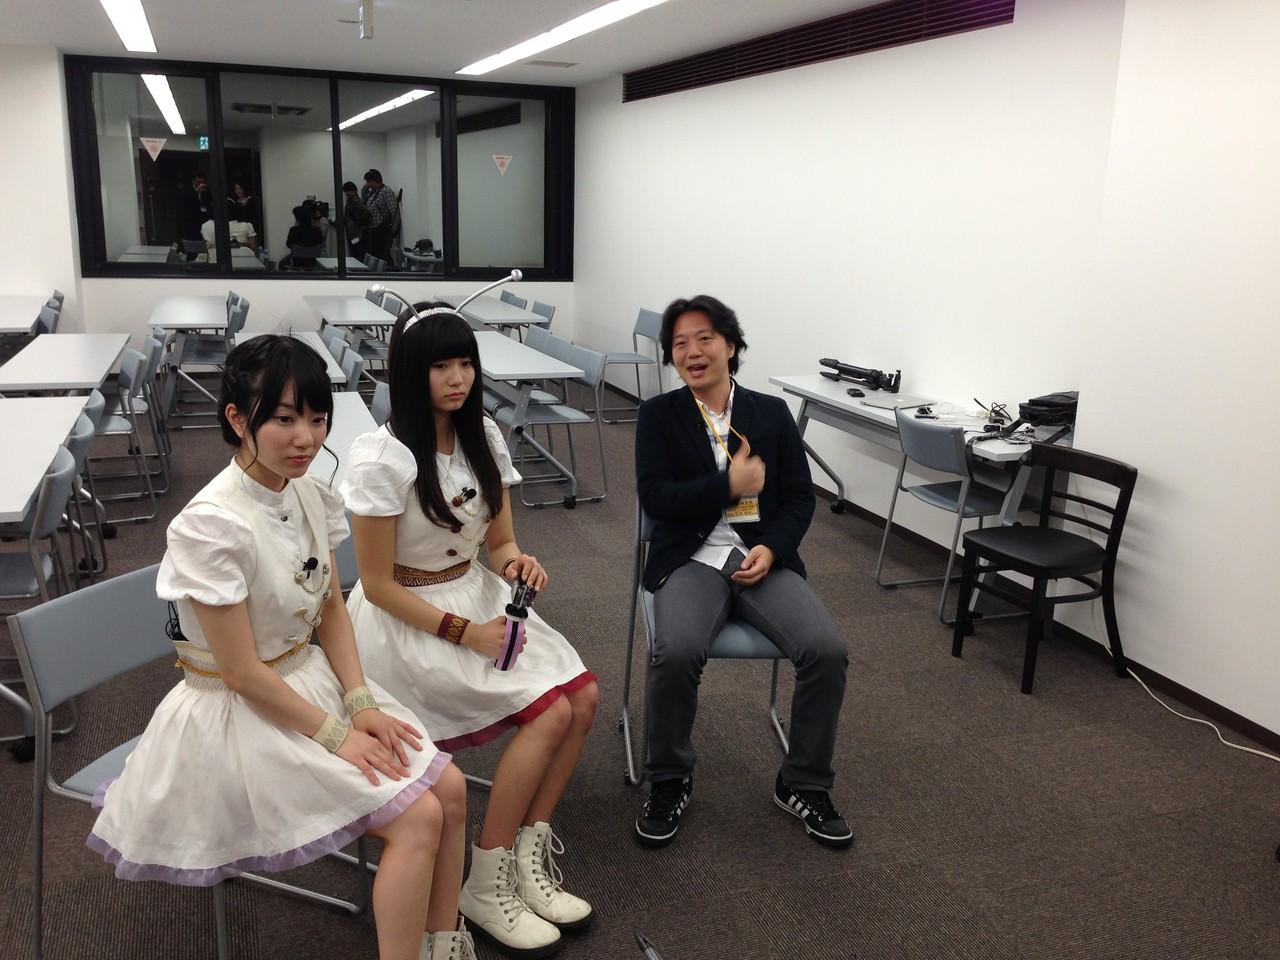 カフェ終了後、九大の吉岡先生がILCについてインタビューを受けました。